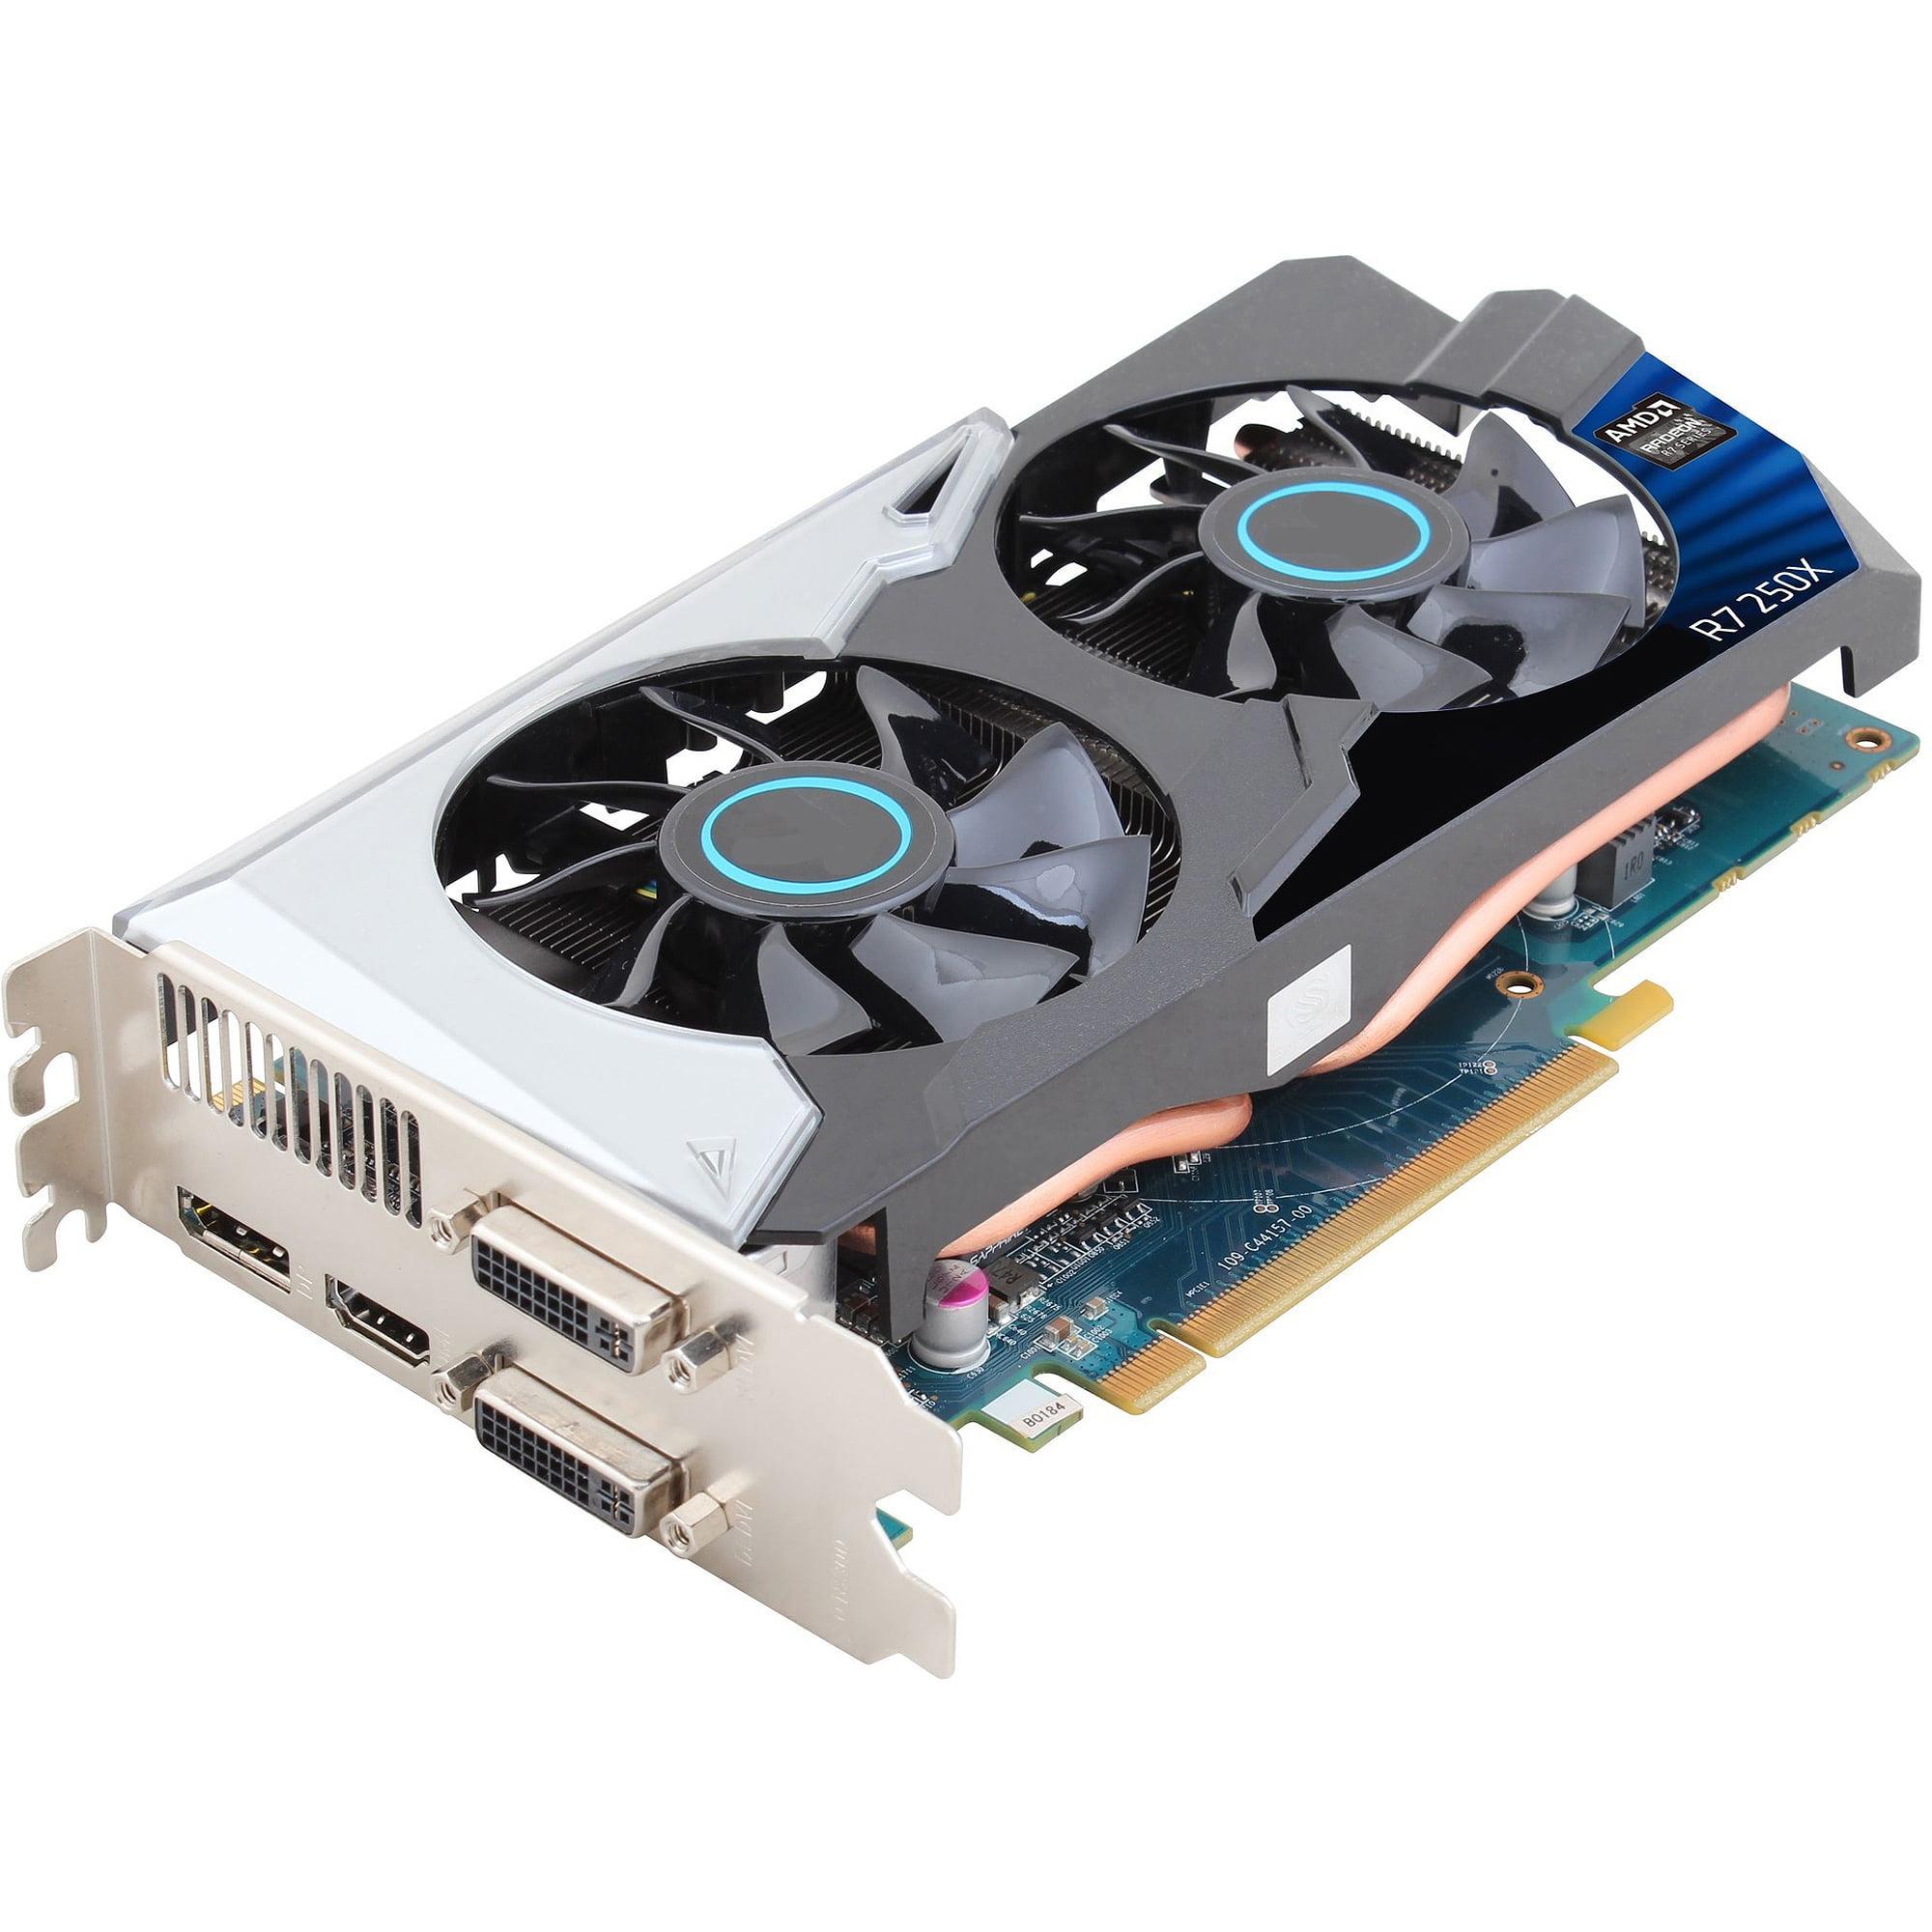 iBUYPOWER AMD Radeon R7-250X 1GB Graphics Card + 400W Power Supply